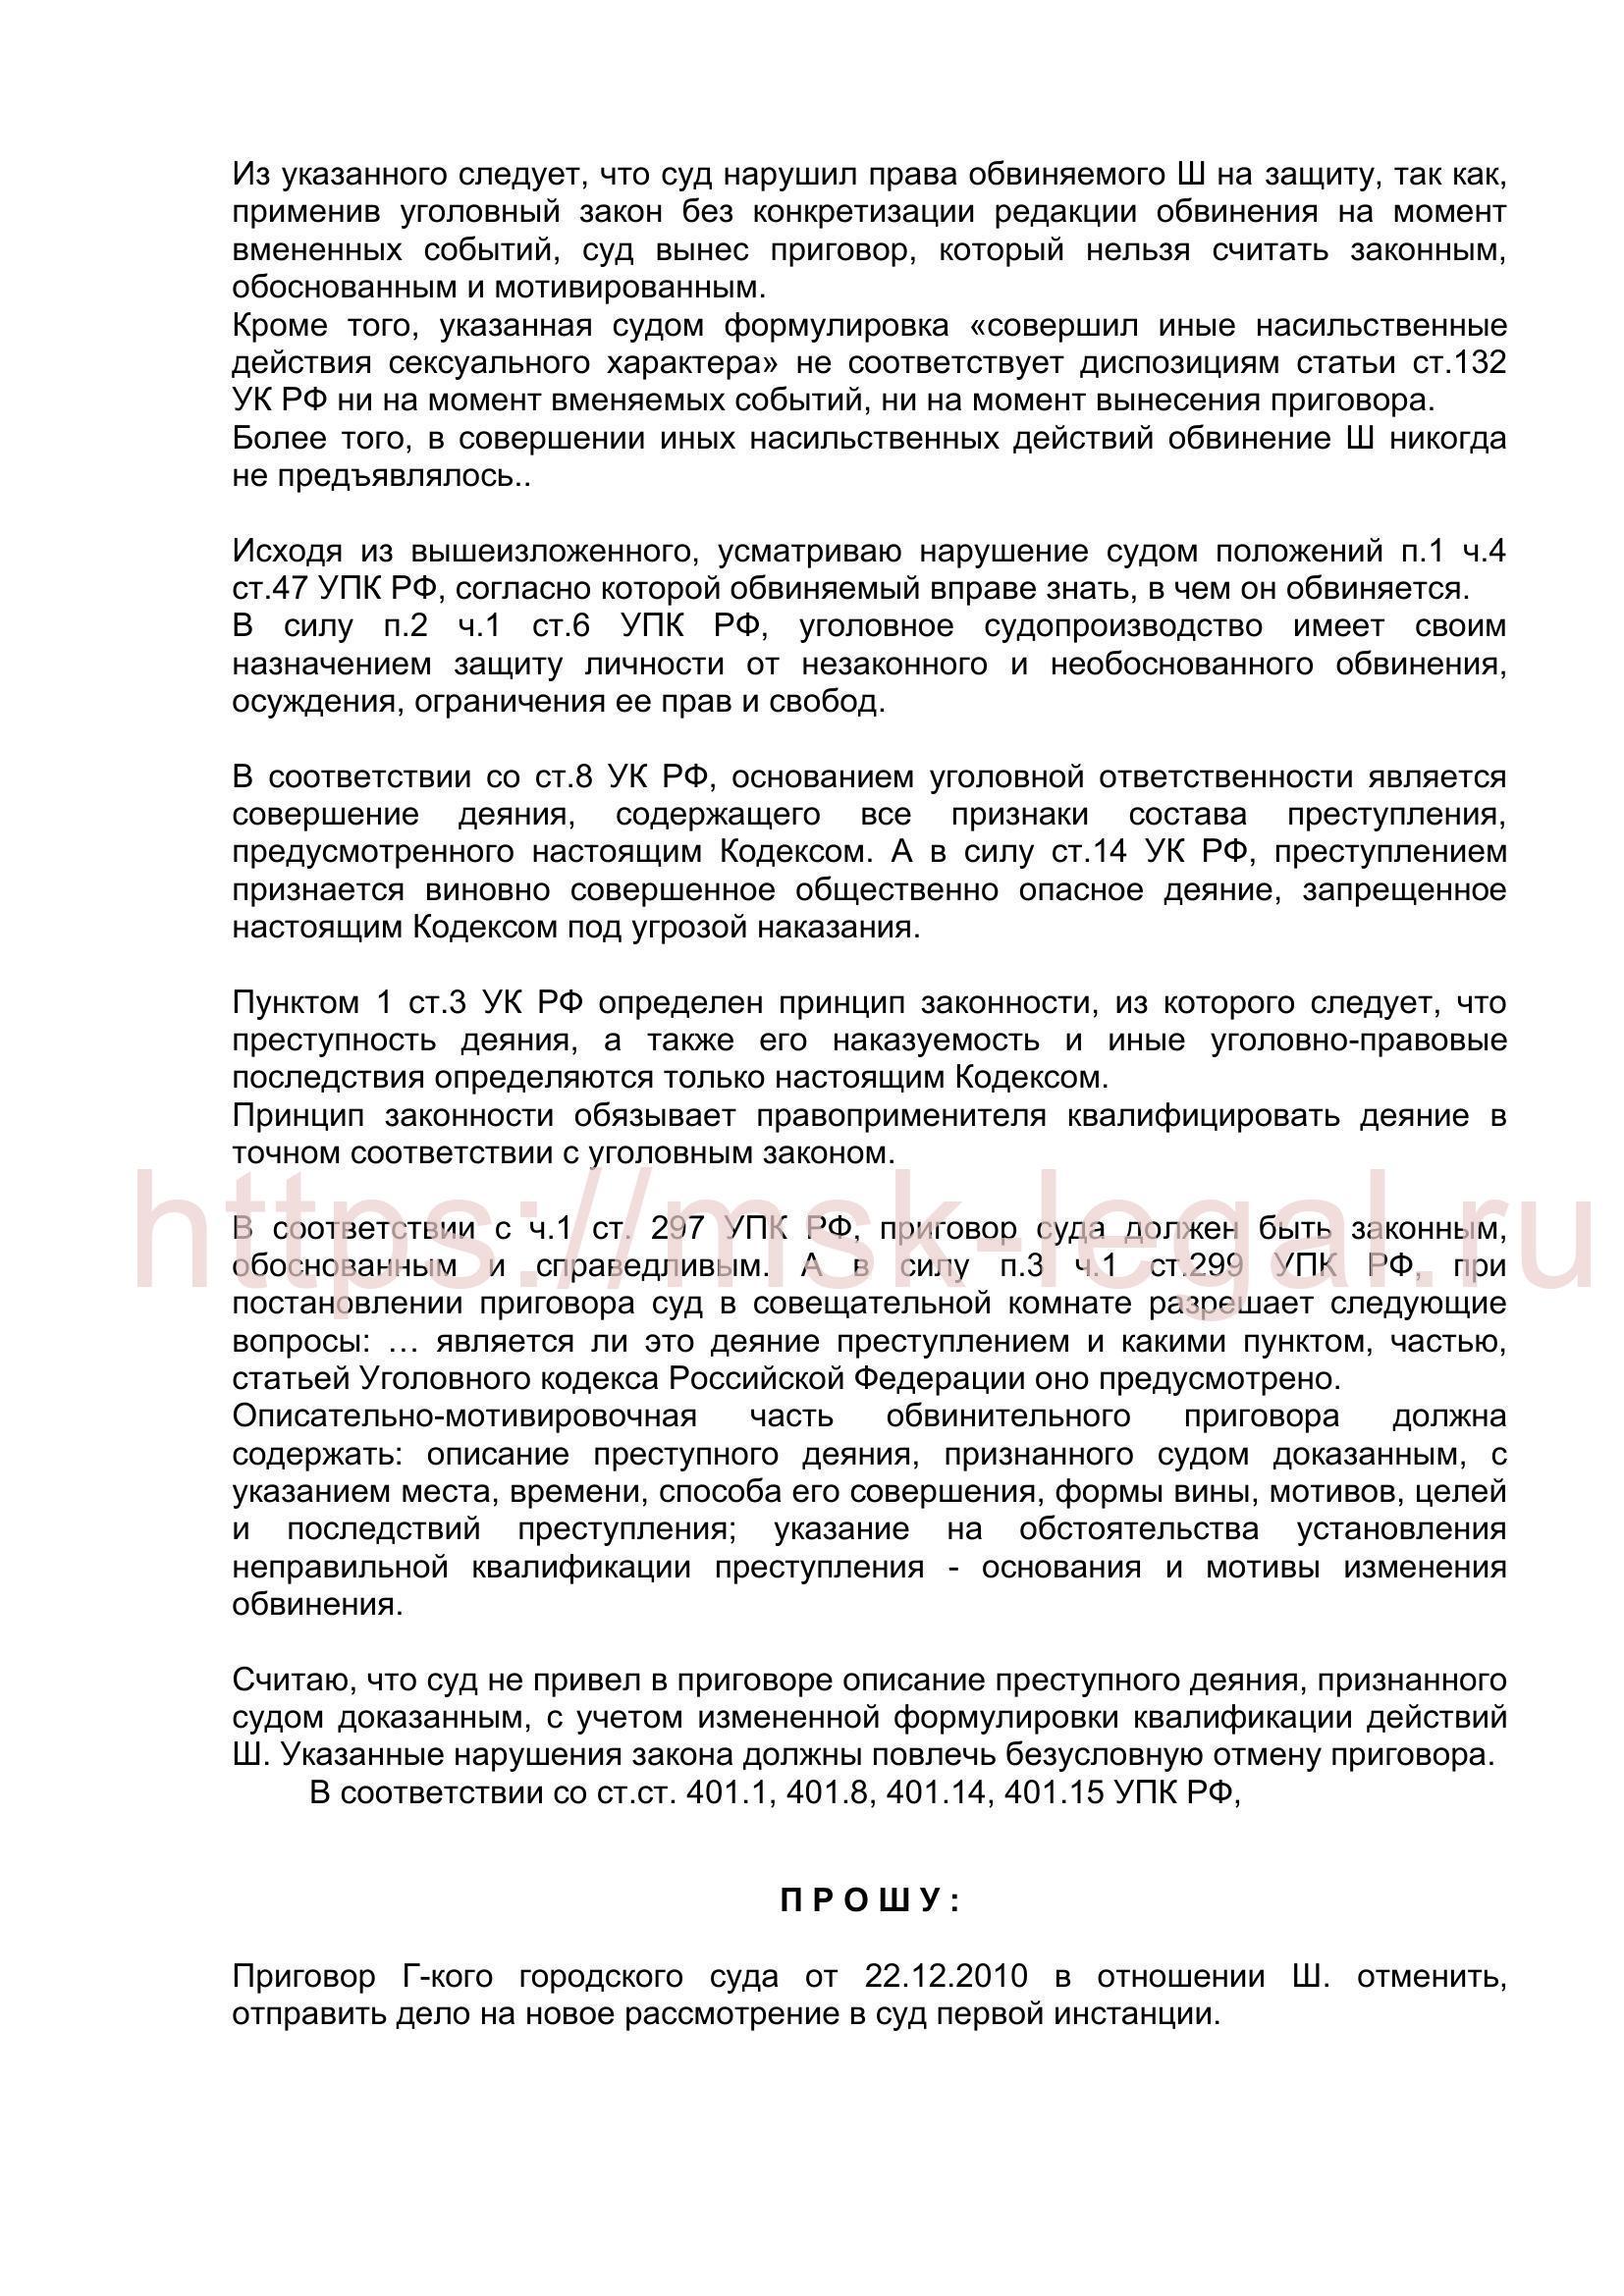 Кассационная жалоба на приговор по ст. 132 УК РФ